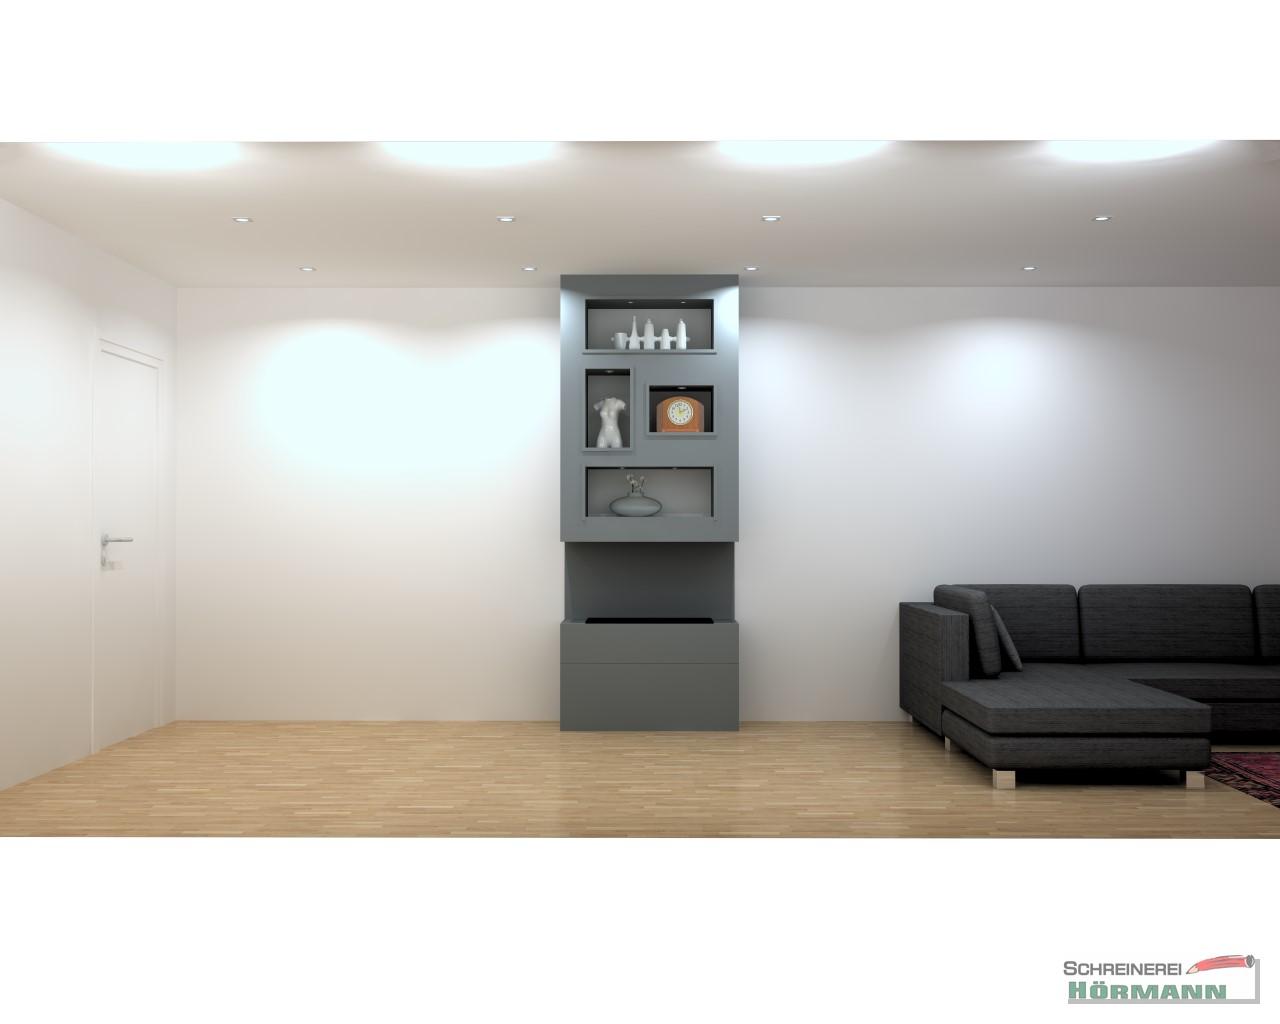 Entwurf Umbau einer Elektrofeuerstelle